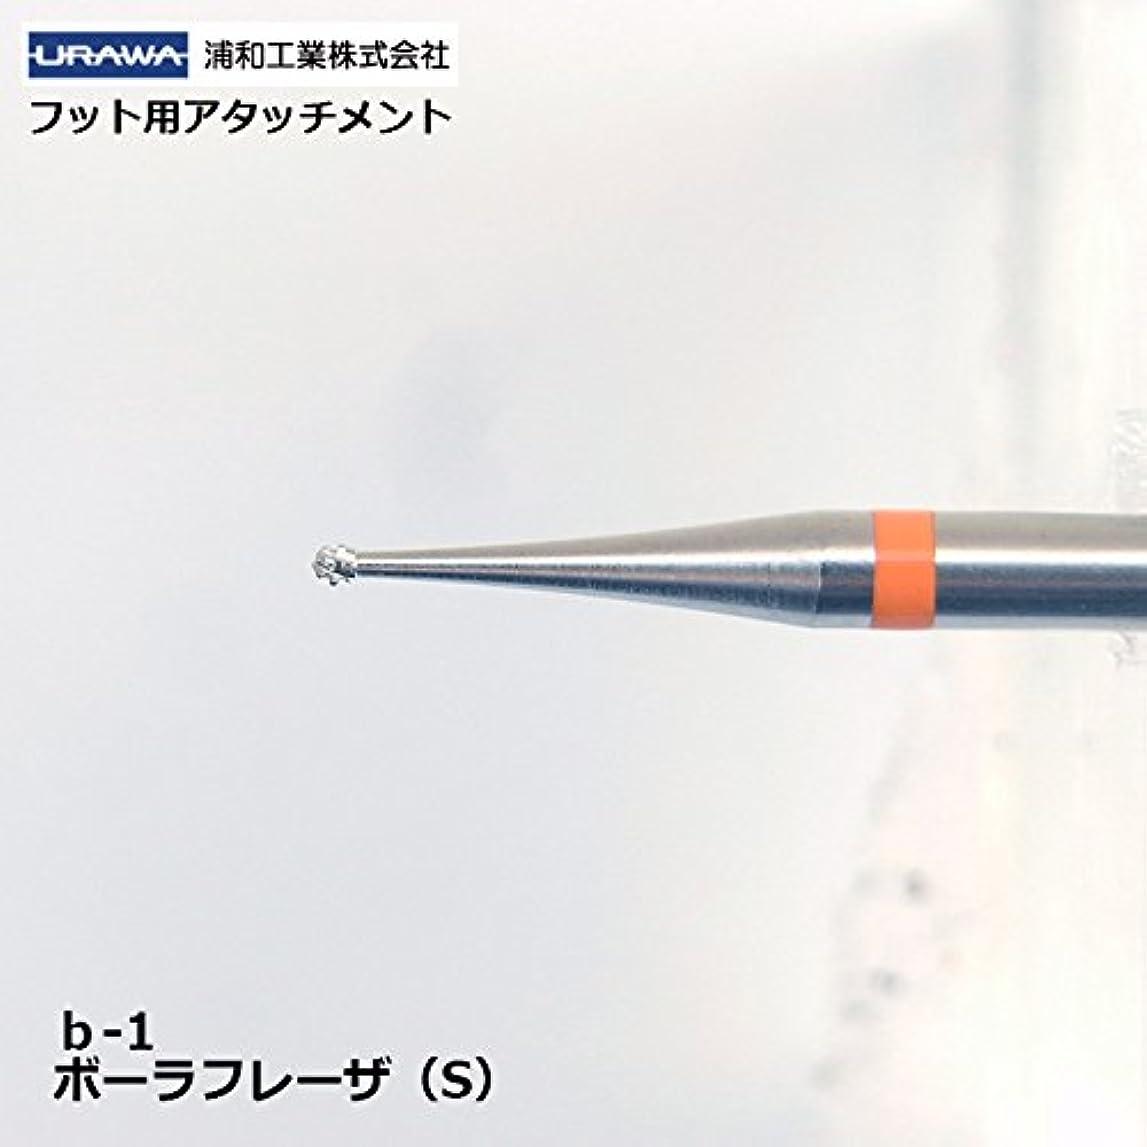 プール魅惑する熱望する【URAWA】ボーラフレーザーS(b-1)【フット用アタッチメント】